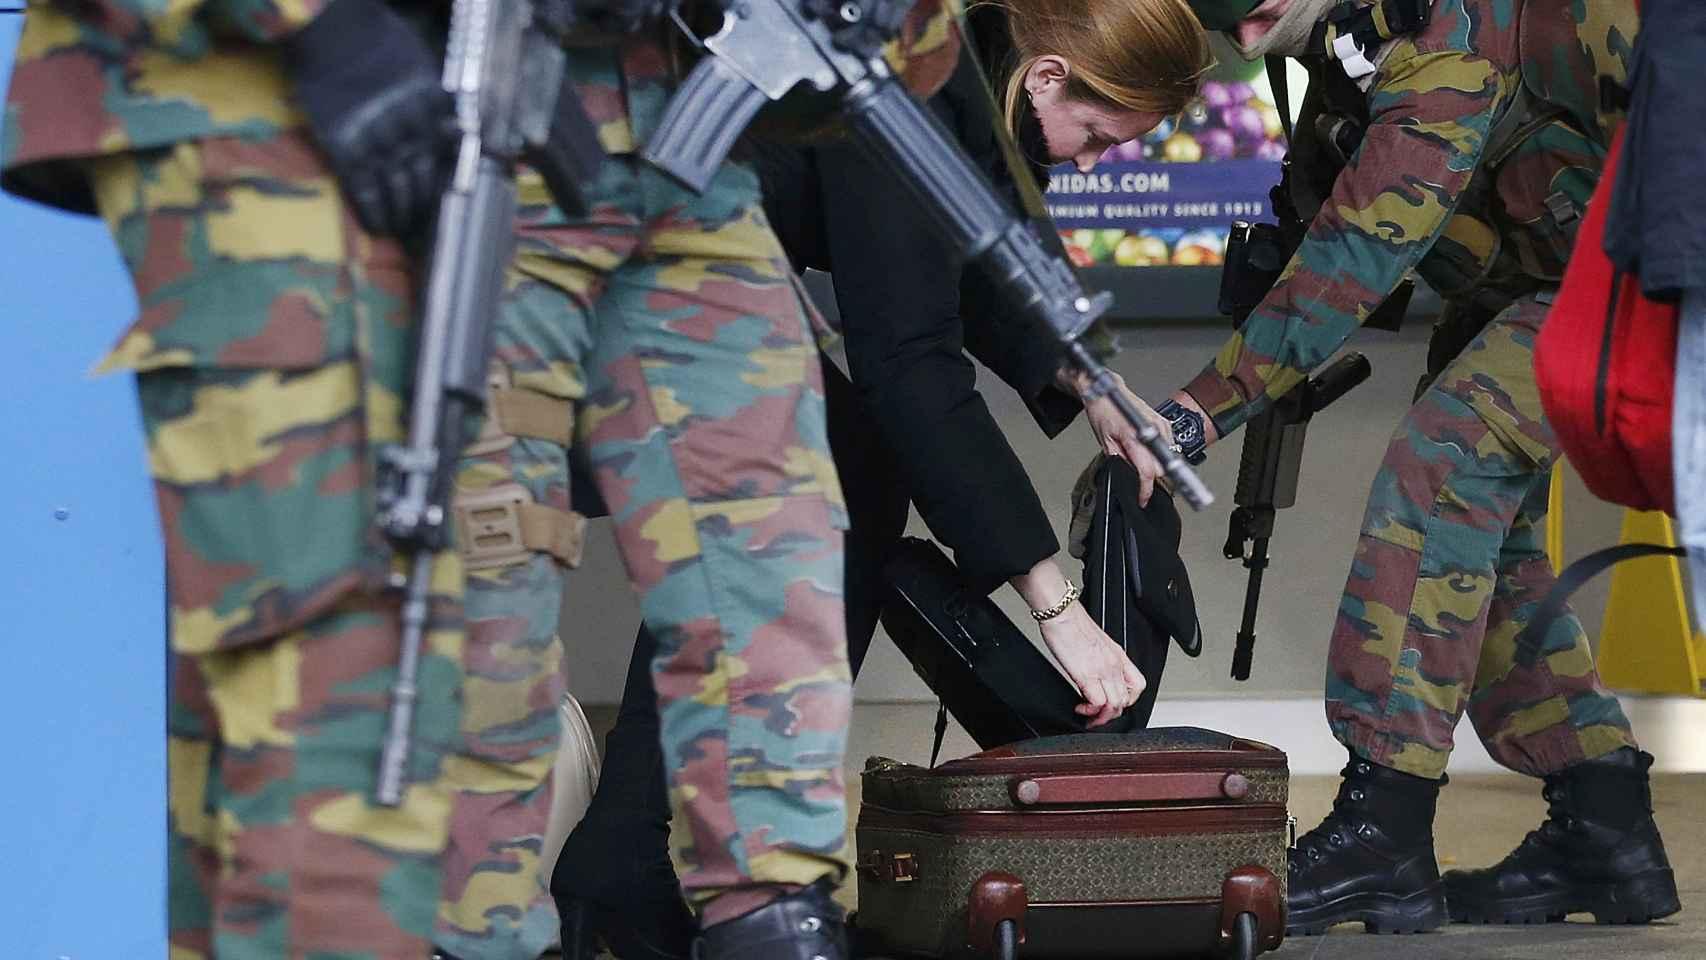 Soldados comprobando el equipaje de una mujer tras los atentados del 22-M.